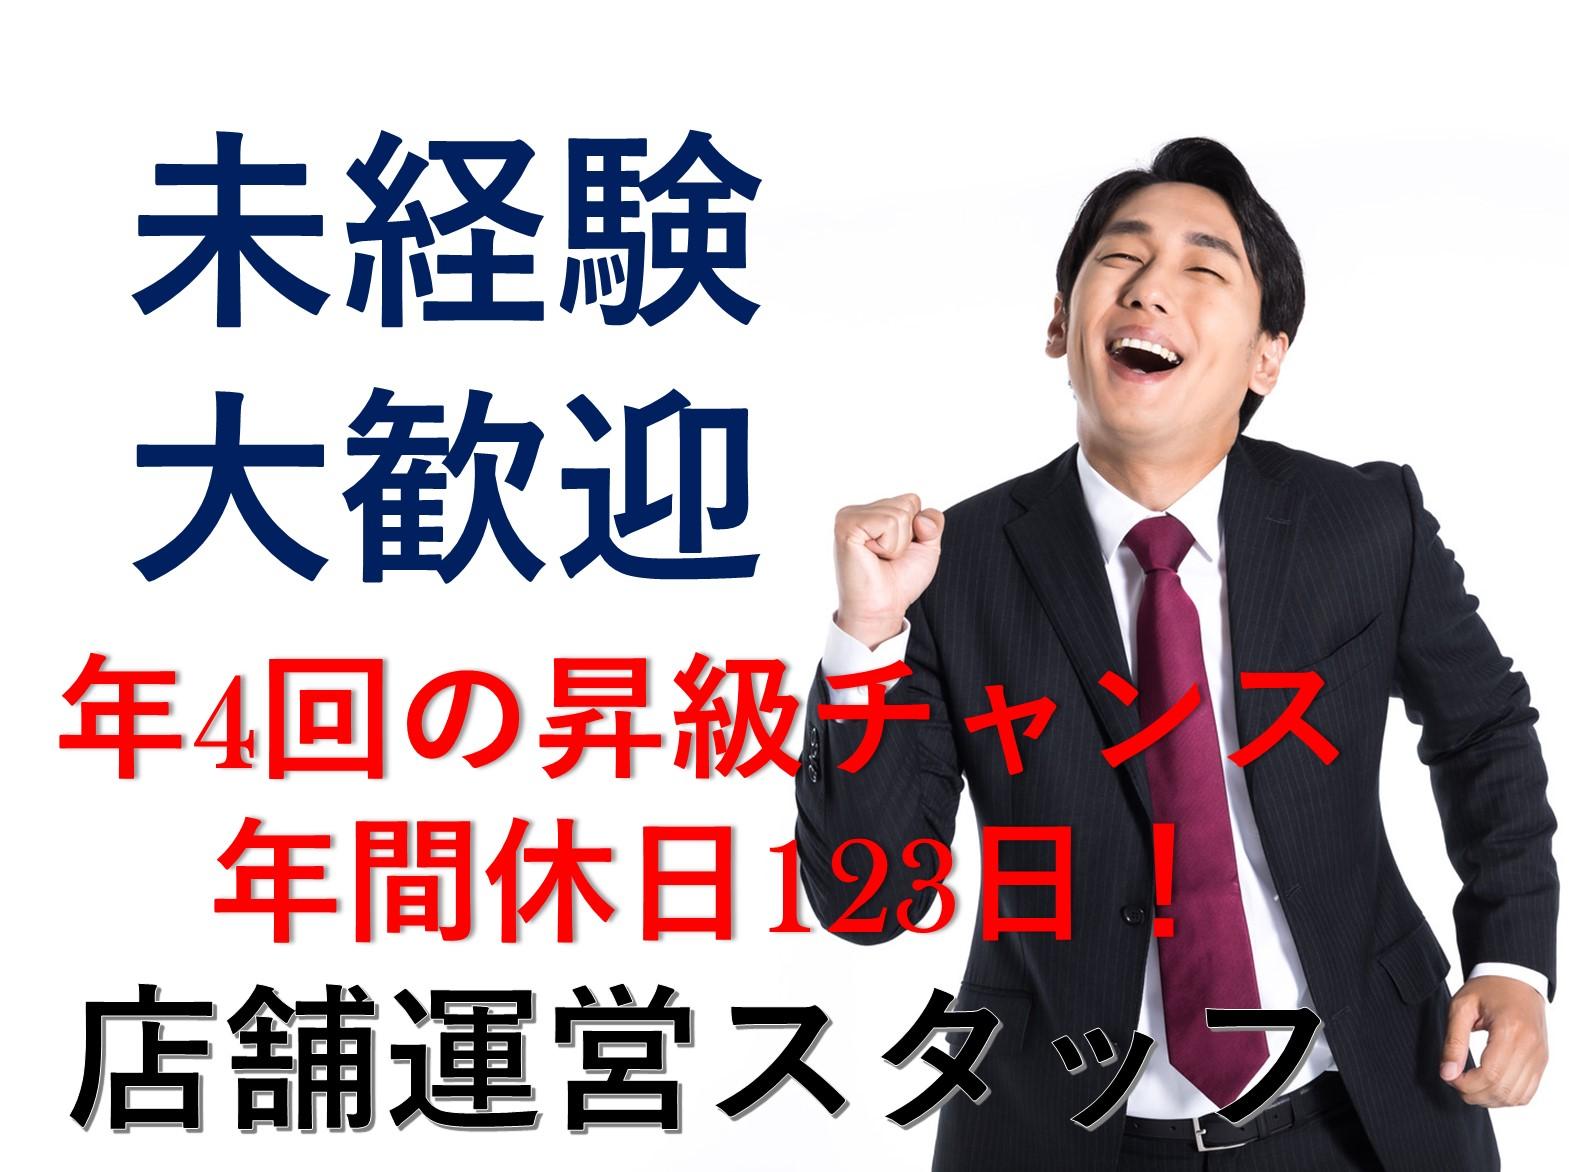 急募【正社員】牛丼屋店舗運営スタッフ★昇級チャンス年4回!年休123日 イメージ